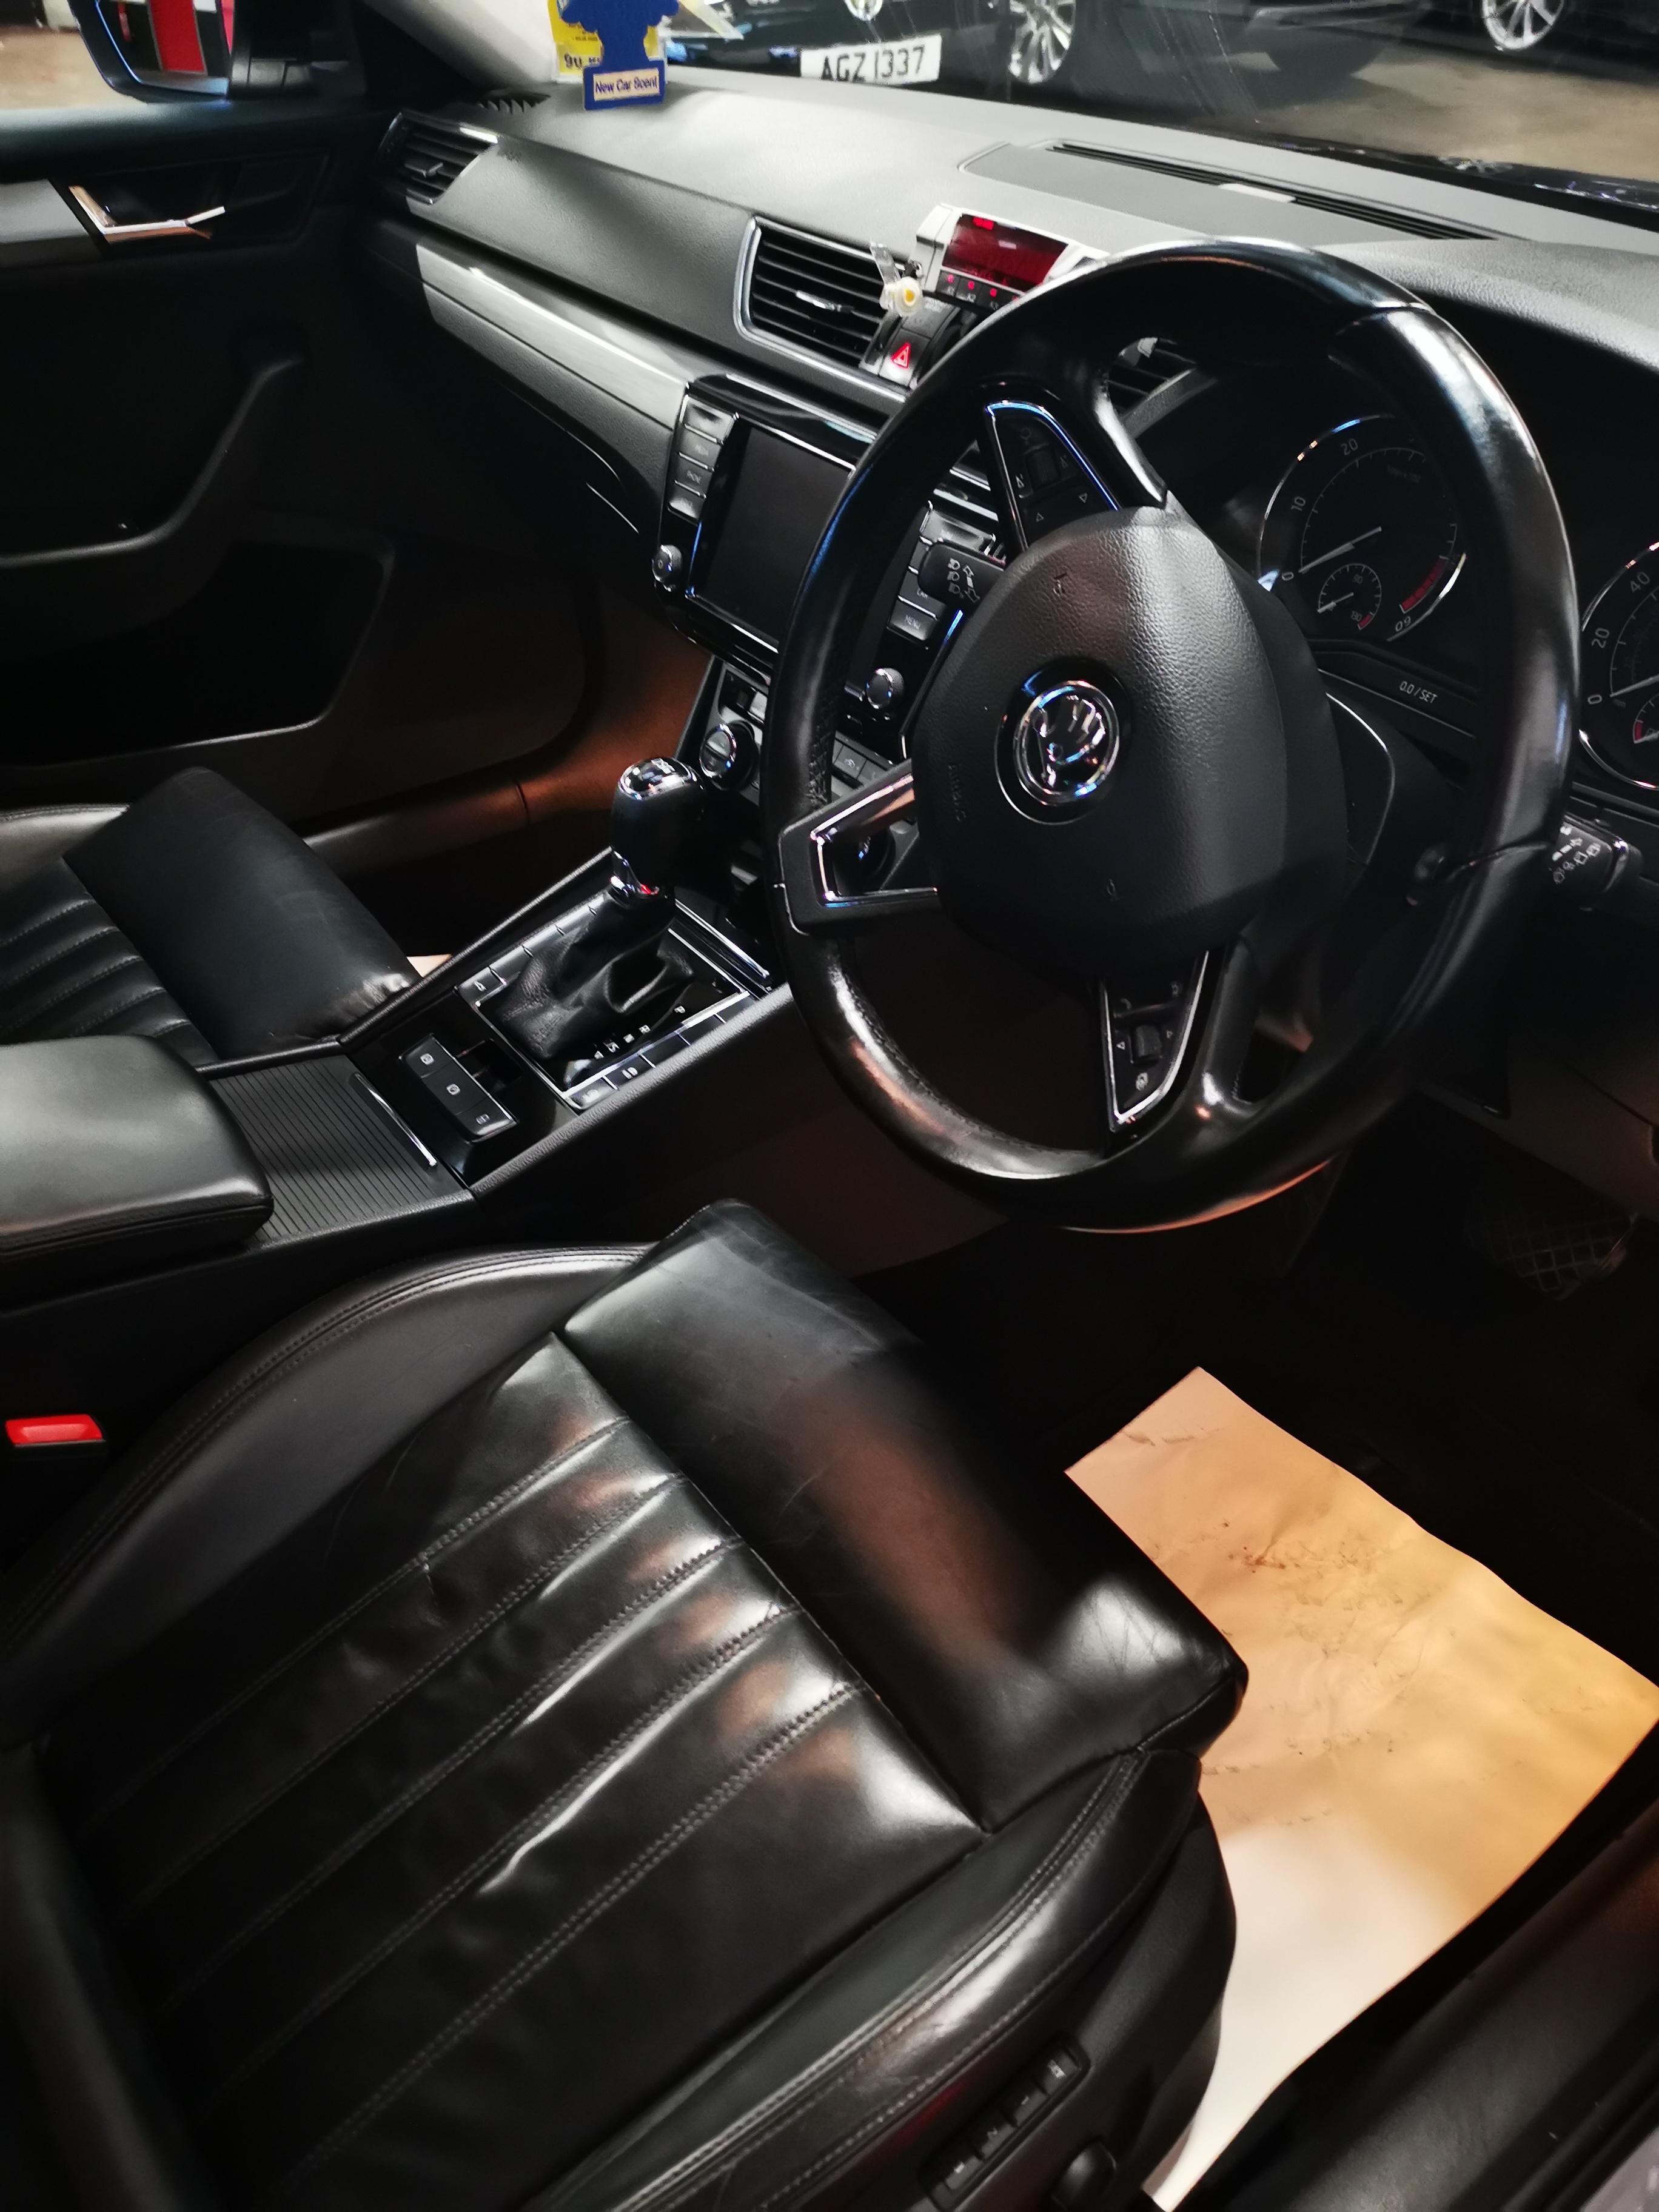 2017 Skoda Superb SEL Executive Auto 2.0 TDI full